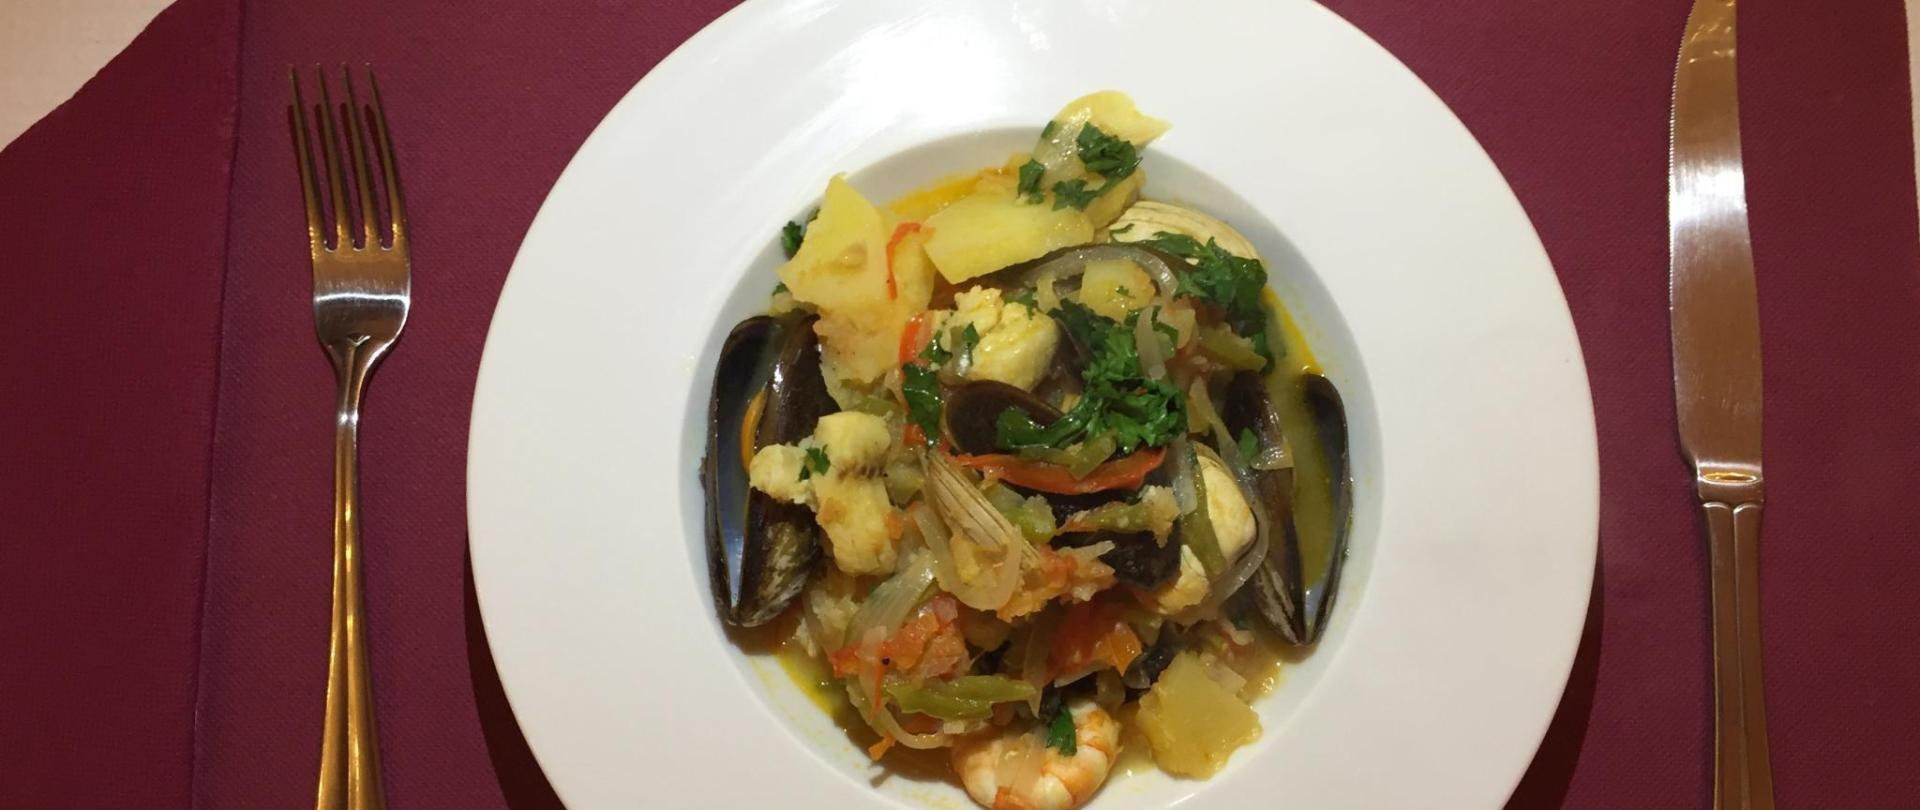 Portugués Fish Stew.jpg